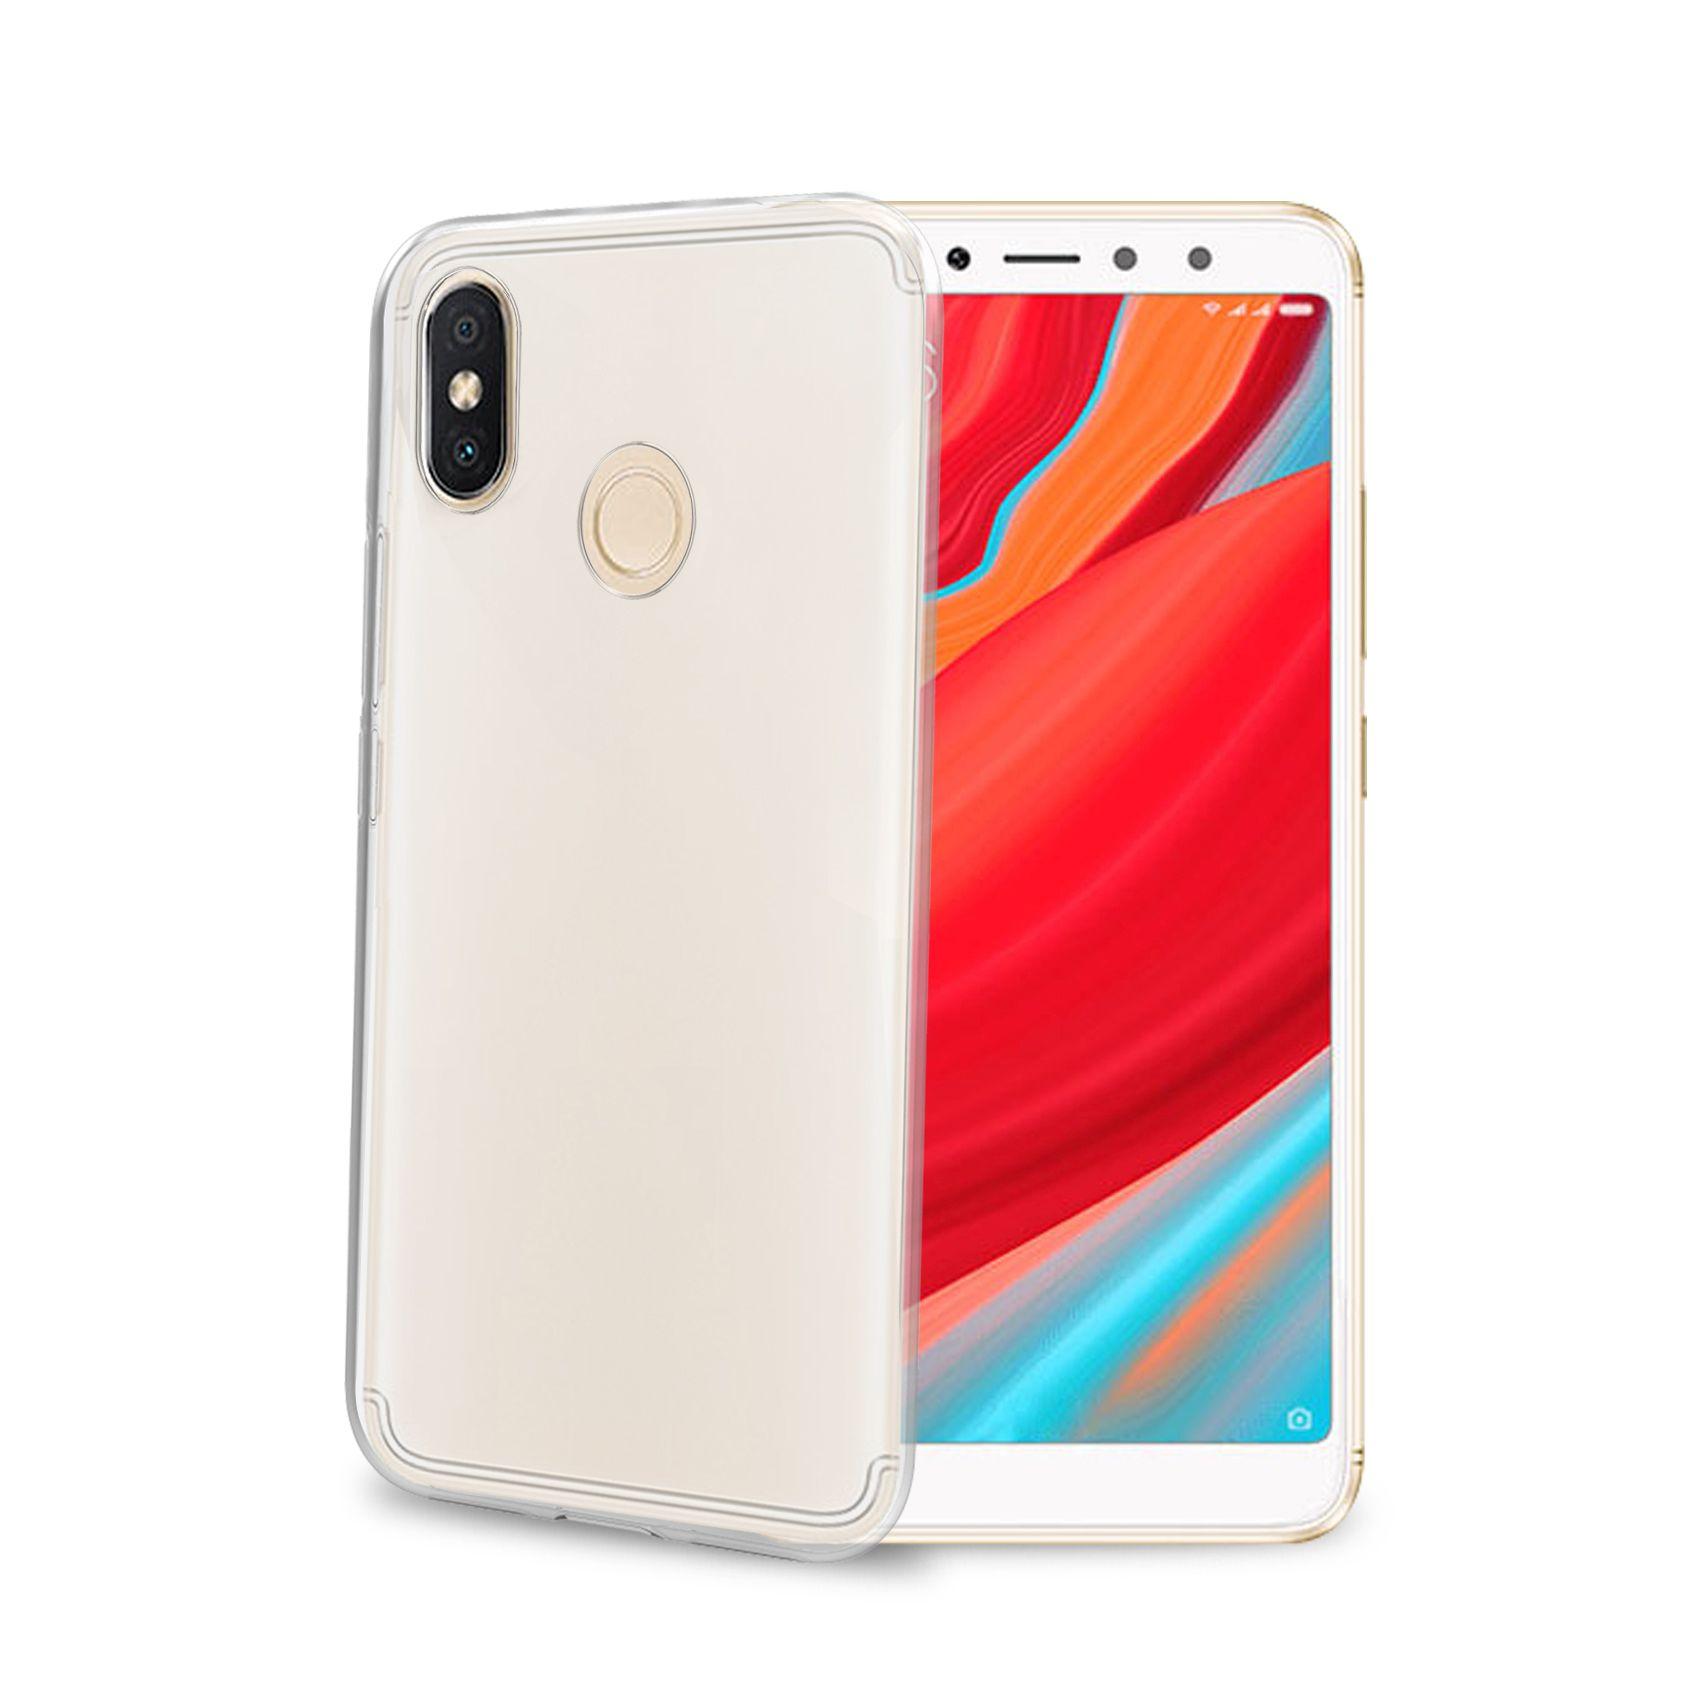 TPU pouzdro CELLY Gelskin pro Xiaomi Redmi S2, bezbarvé